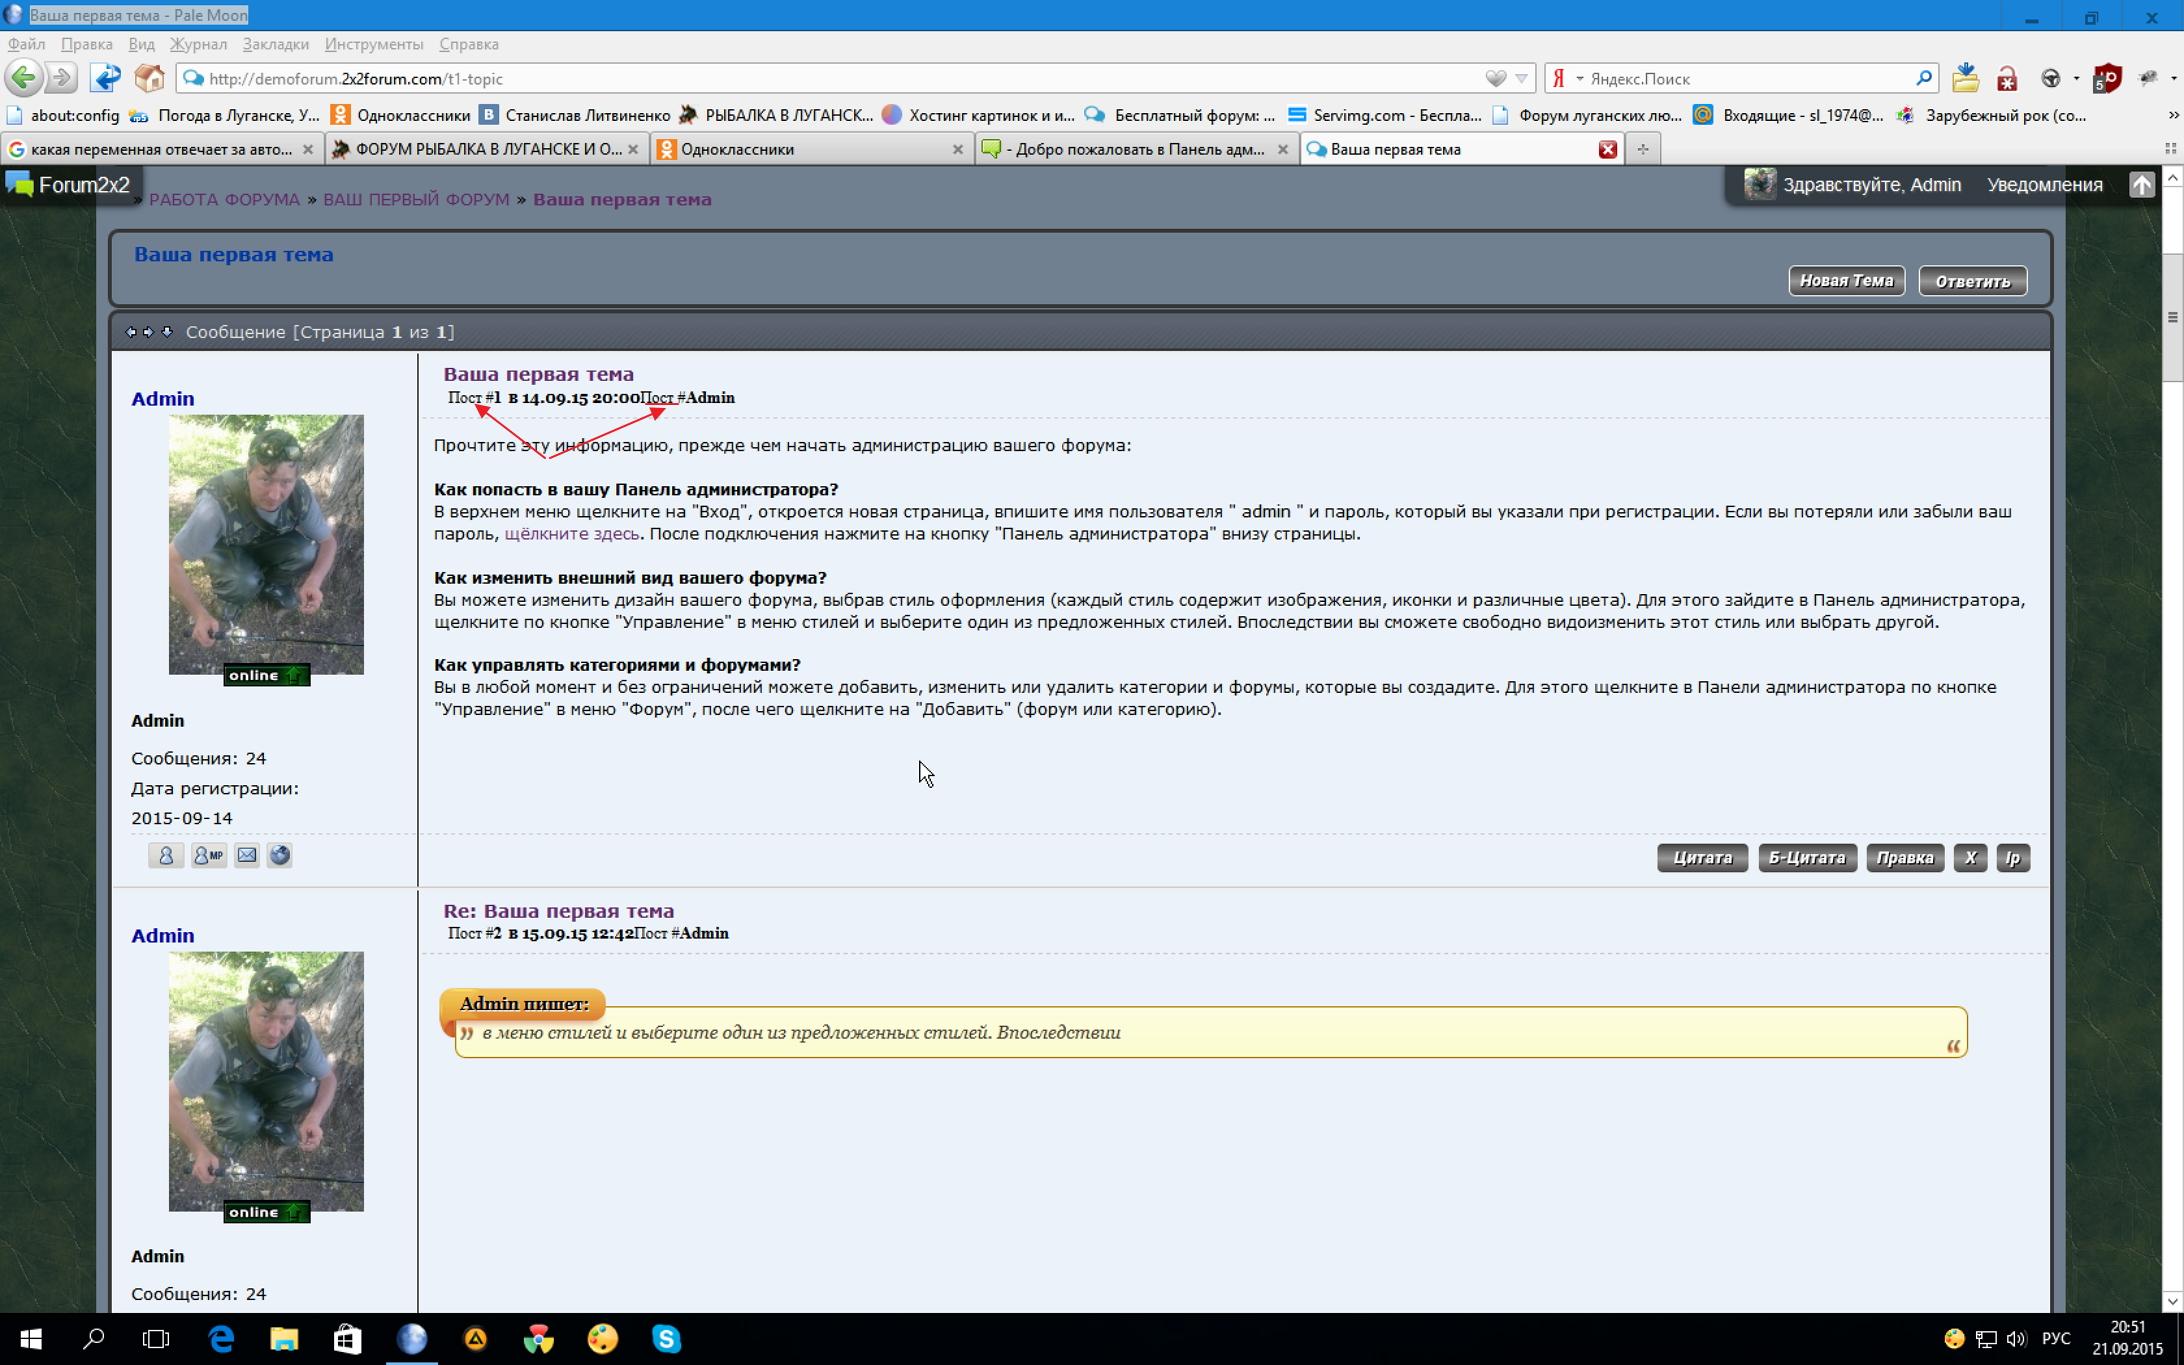 [решено]Уменьшить шрифт даты и поставить нумерацию под название темы 0162905001442858214